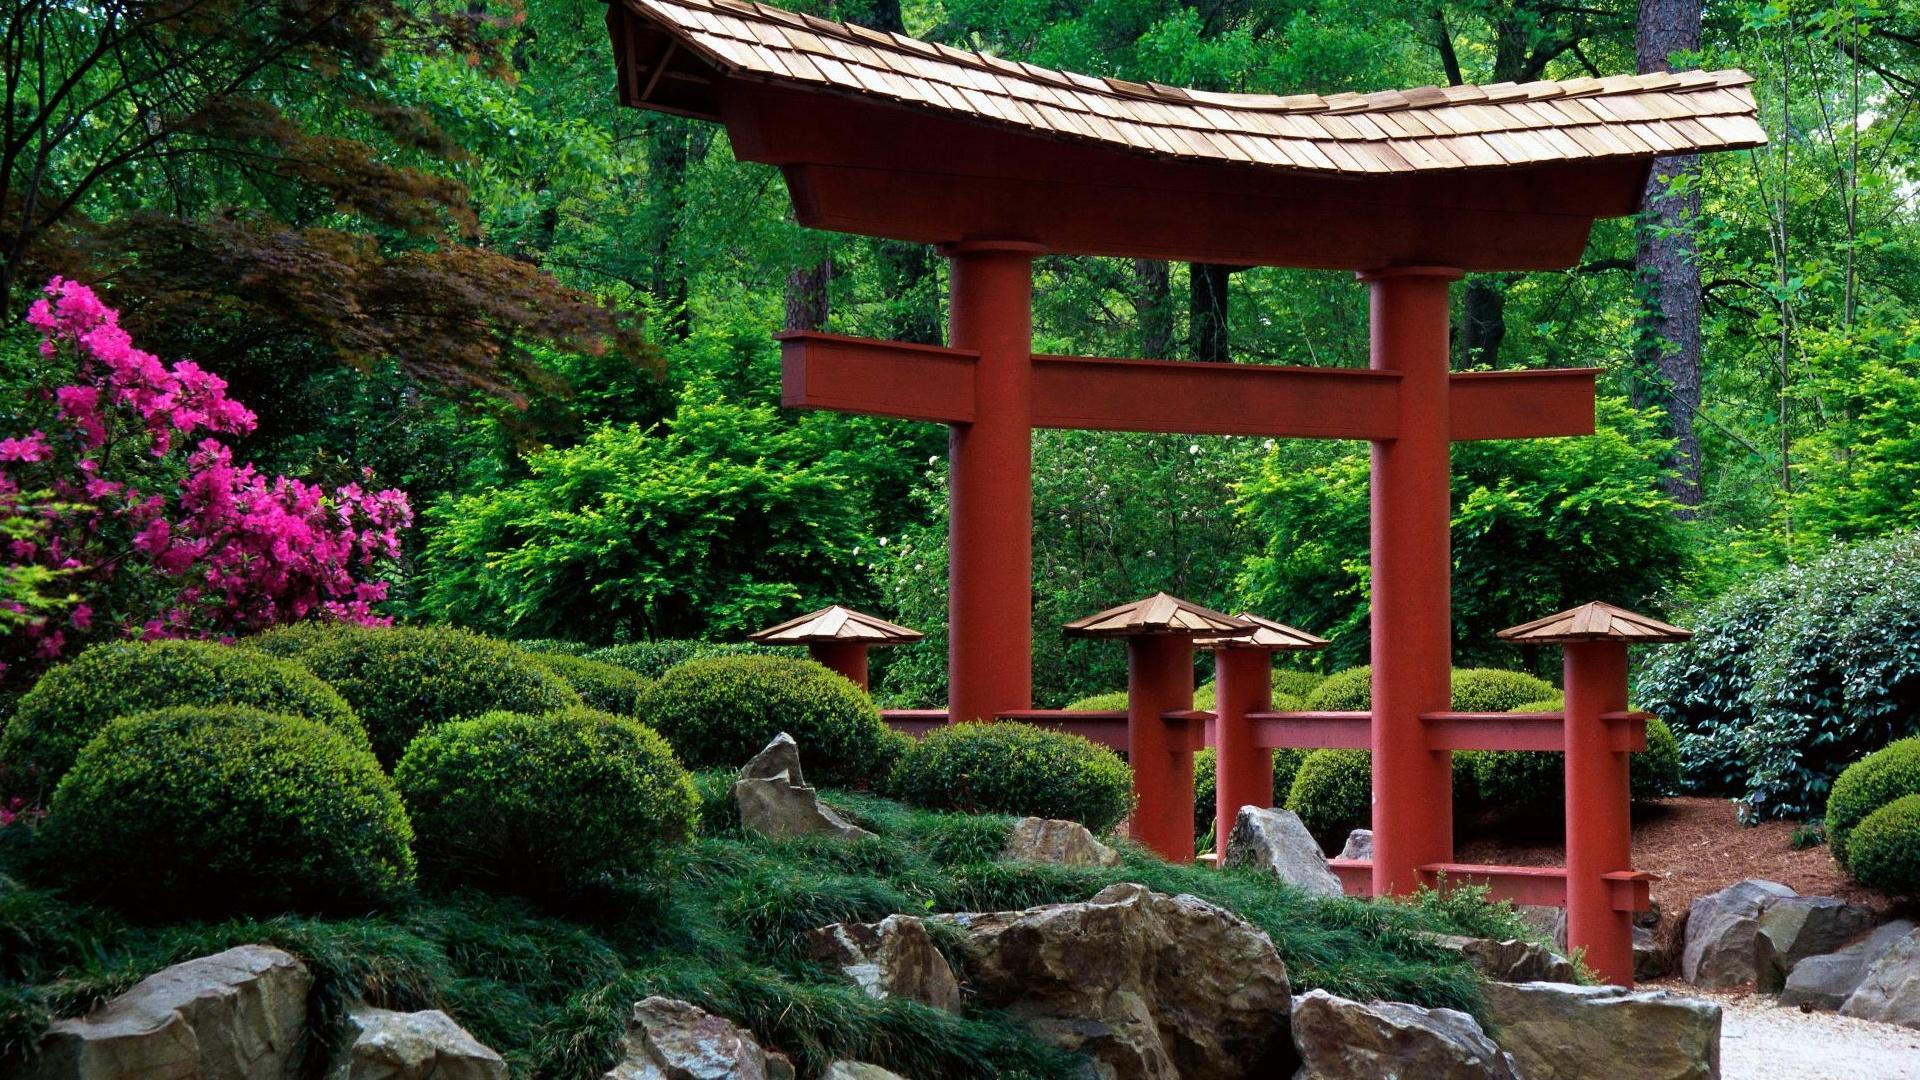 Japan Garden Wallpaper 1920x1080 Japan, Garden, Asians